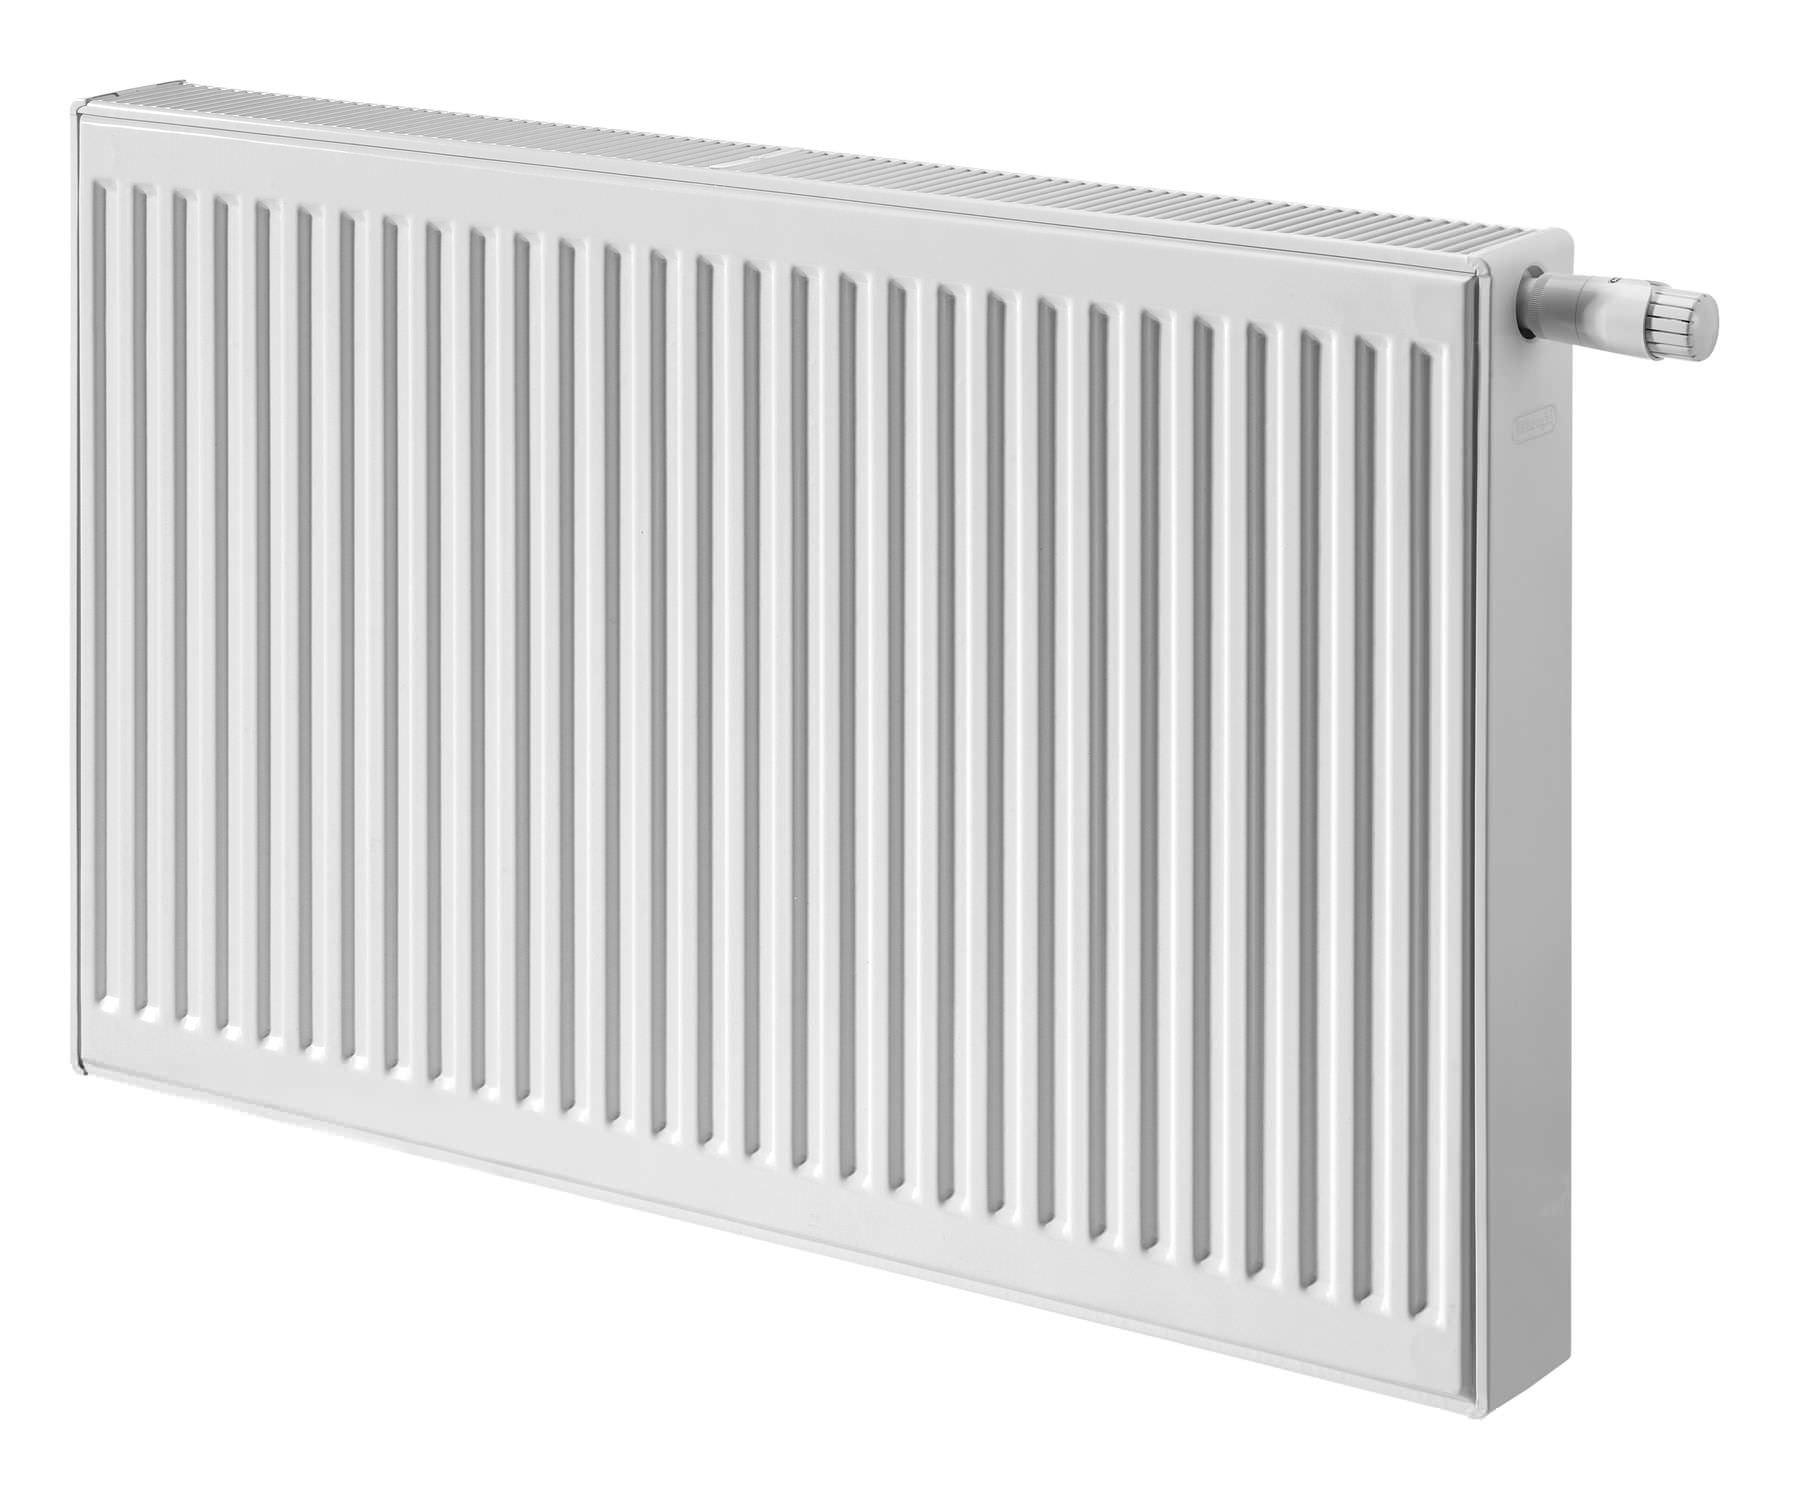 Numero di termosifoni da utilizzare in casa riscaldamento per la casa come calcolare quanti - Casa in acciaio prezzo ...